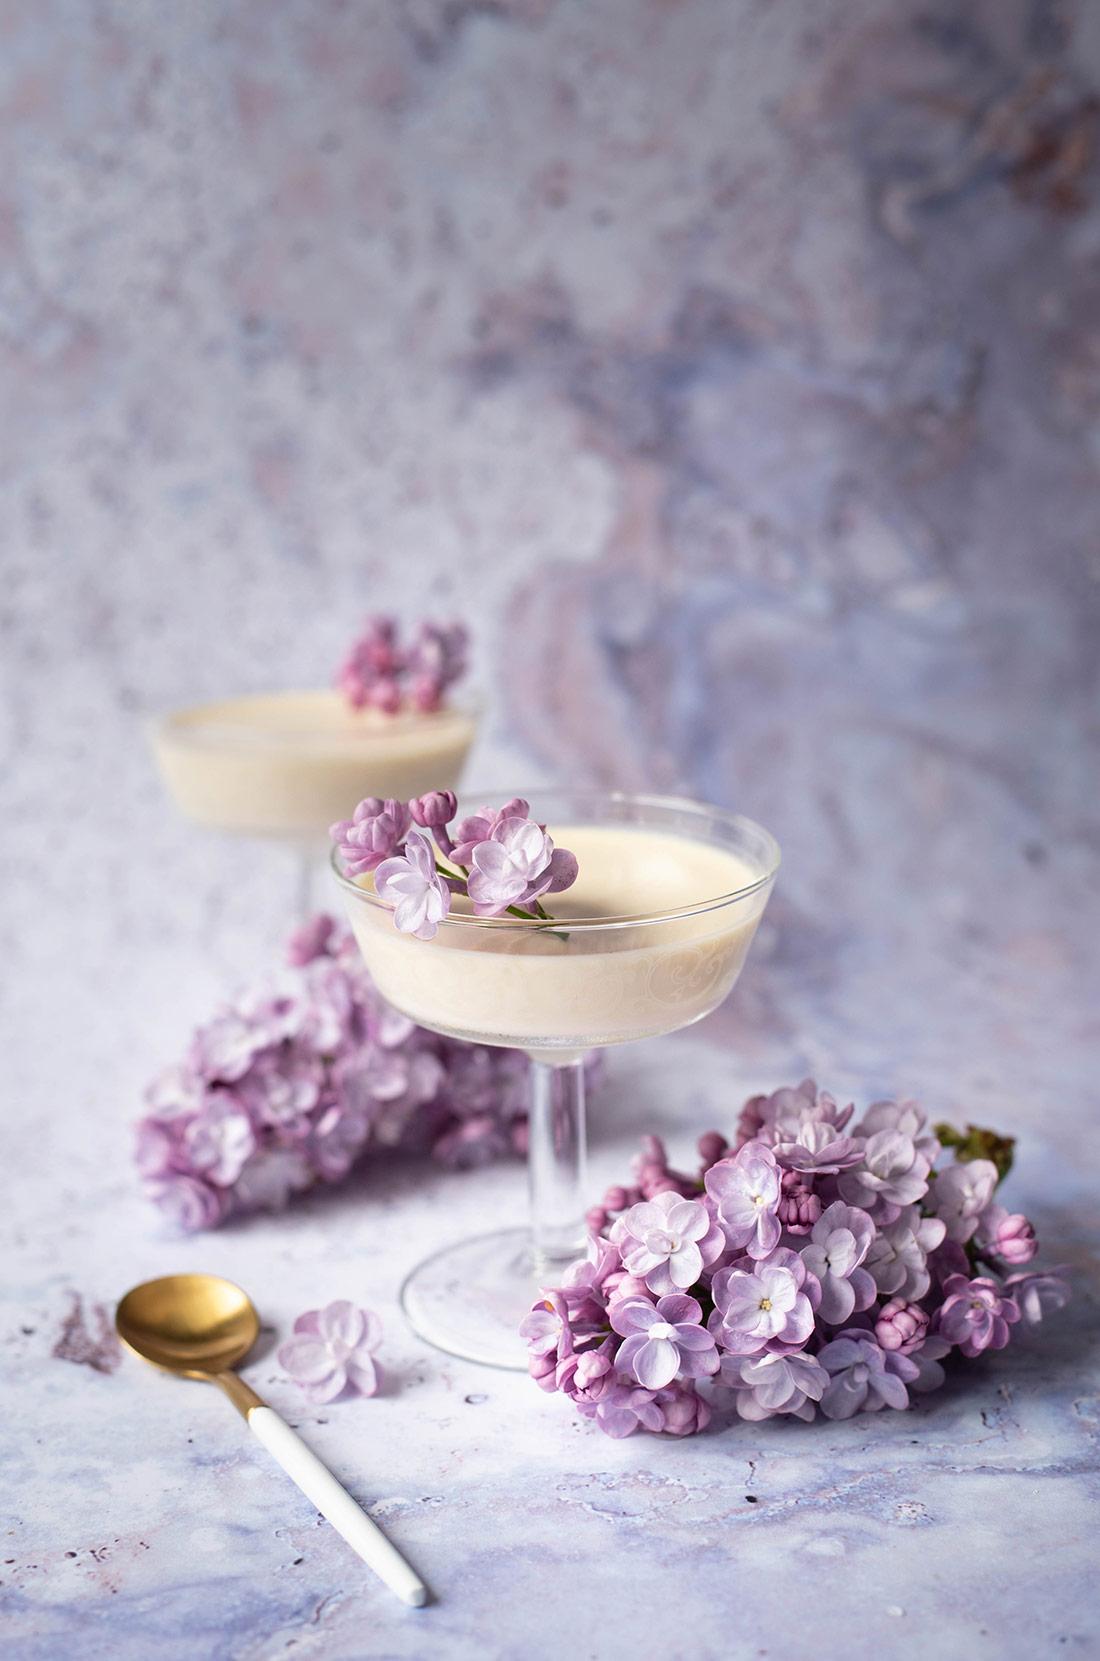 Panna cotta au lilas